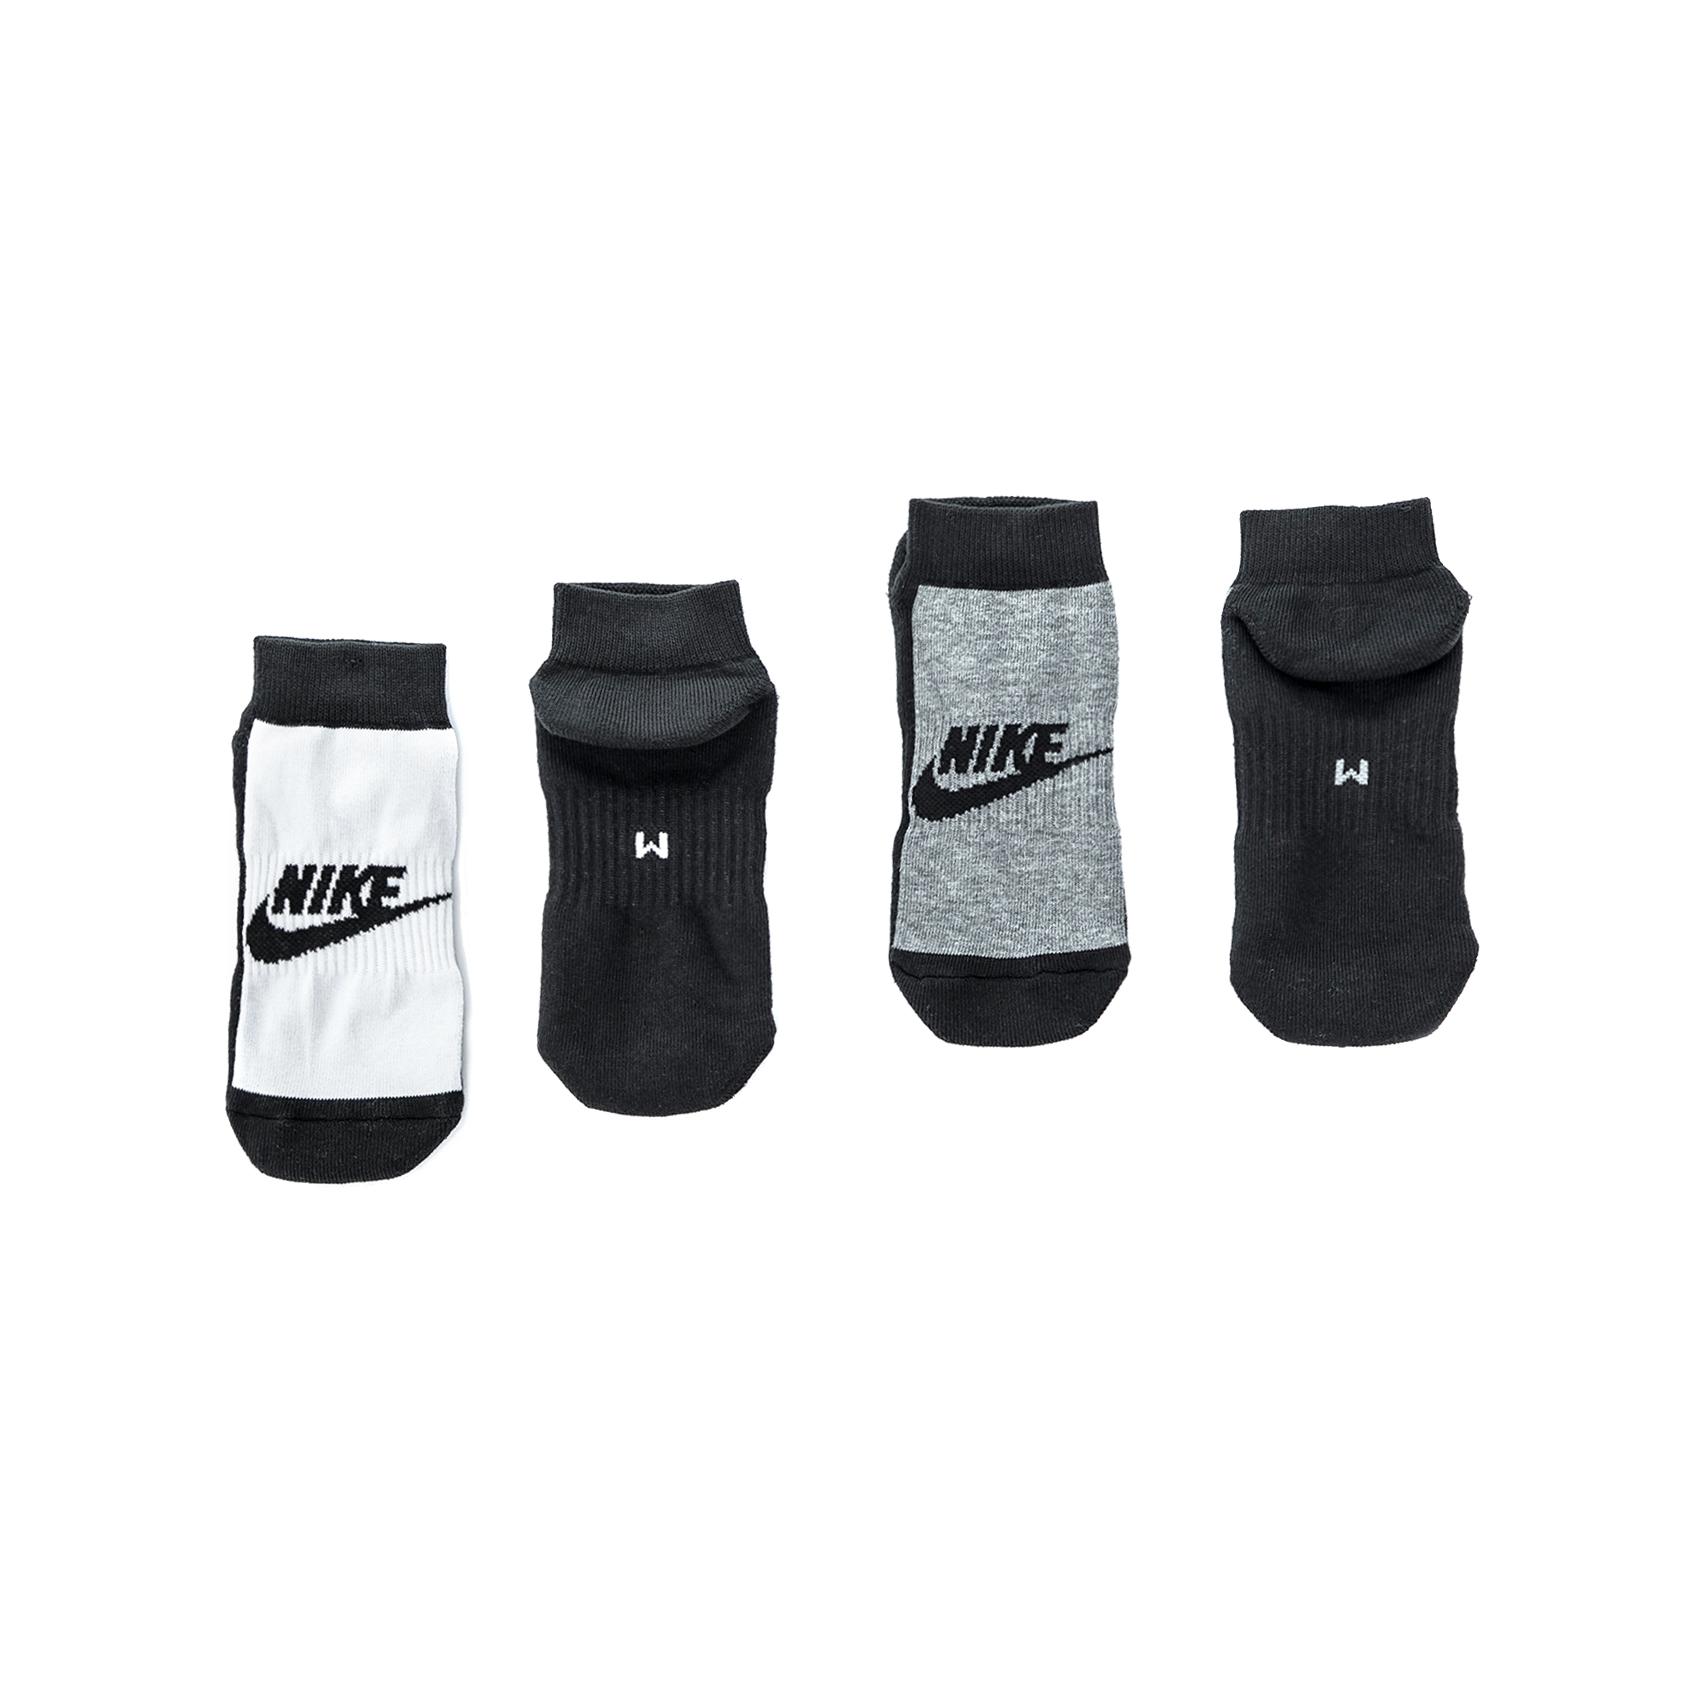 NIKE – Ανδρικό σετ κάλτσες NIKE γκρι- λευκές